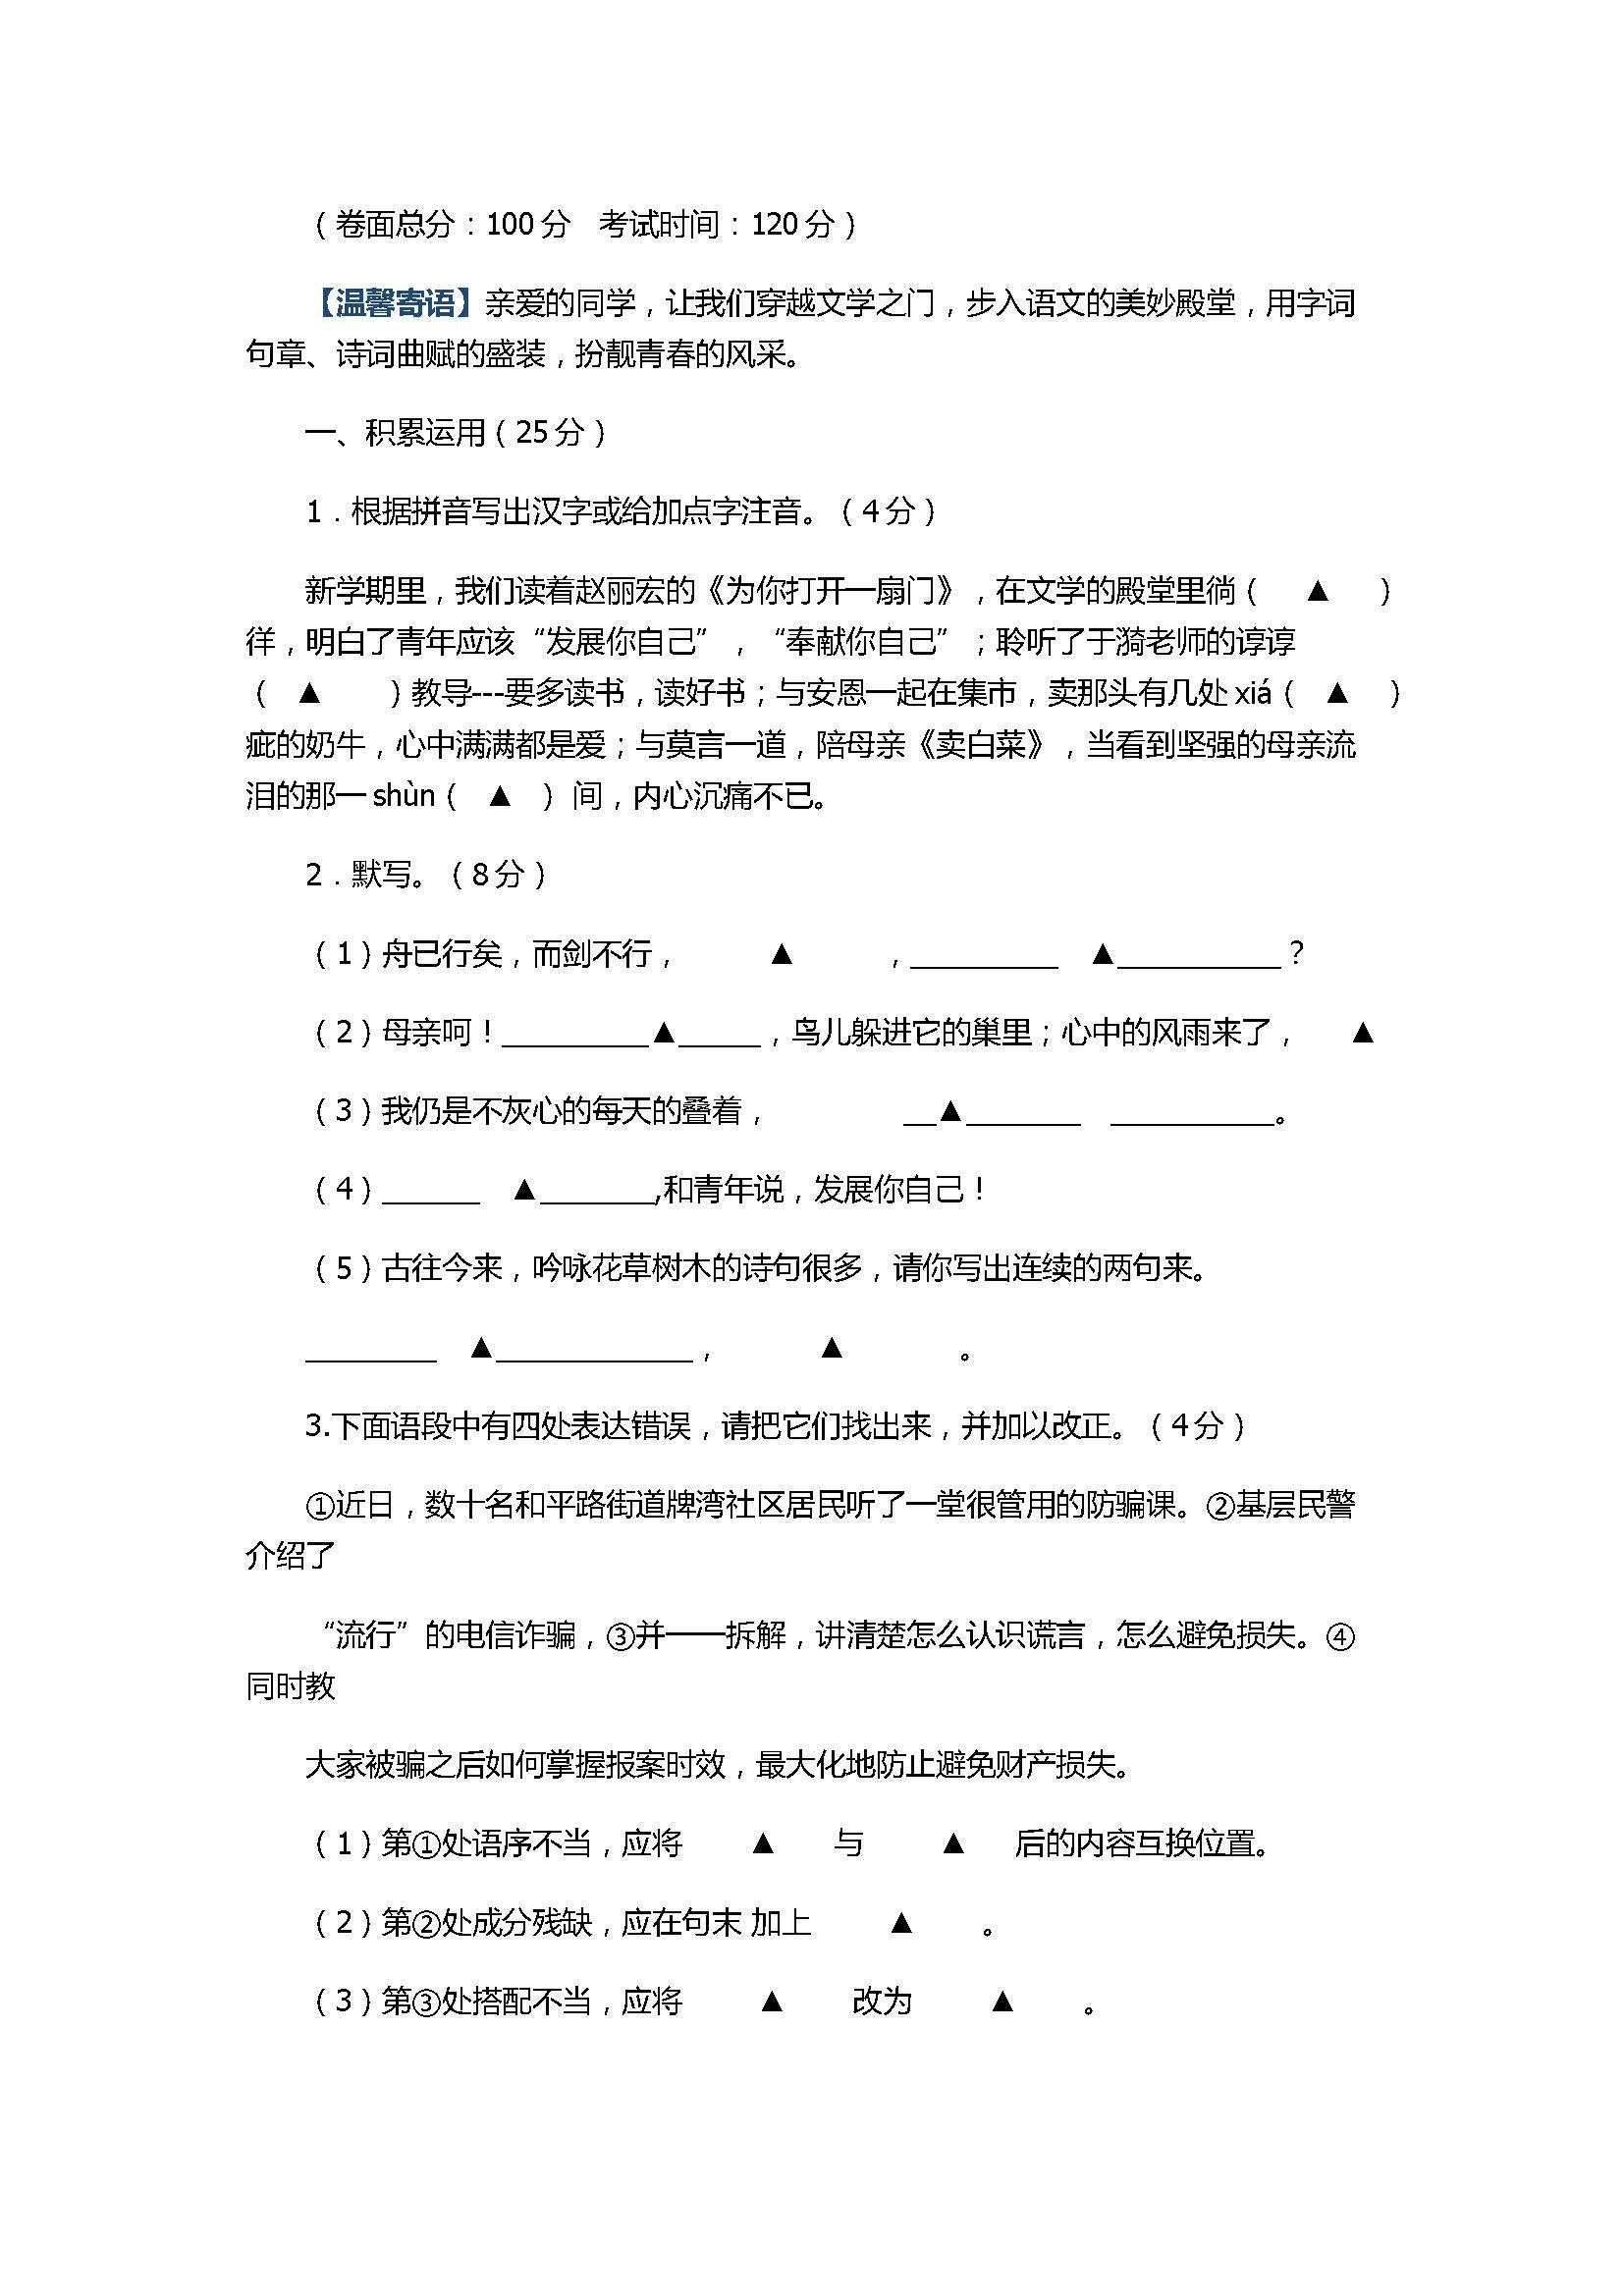 2017七年级语文上册调研考试题含参考答案(苏教版)